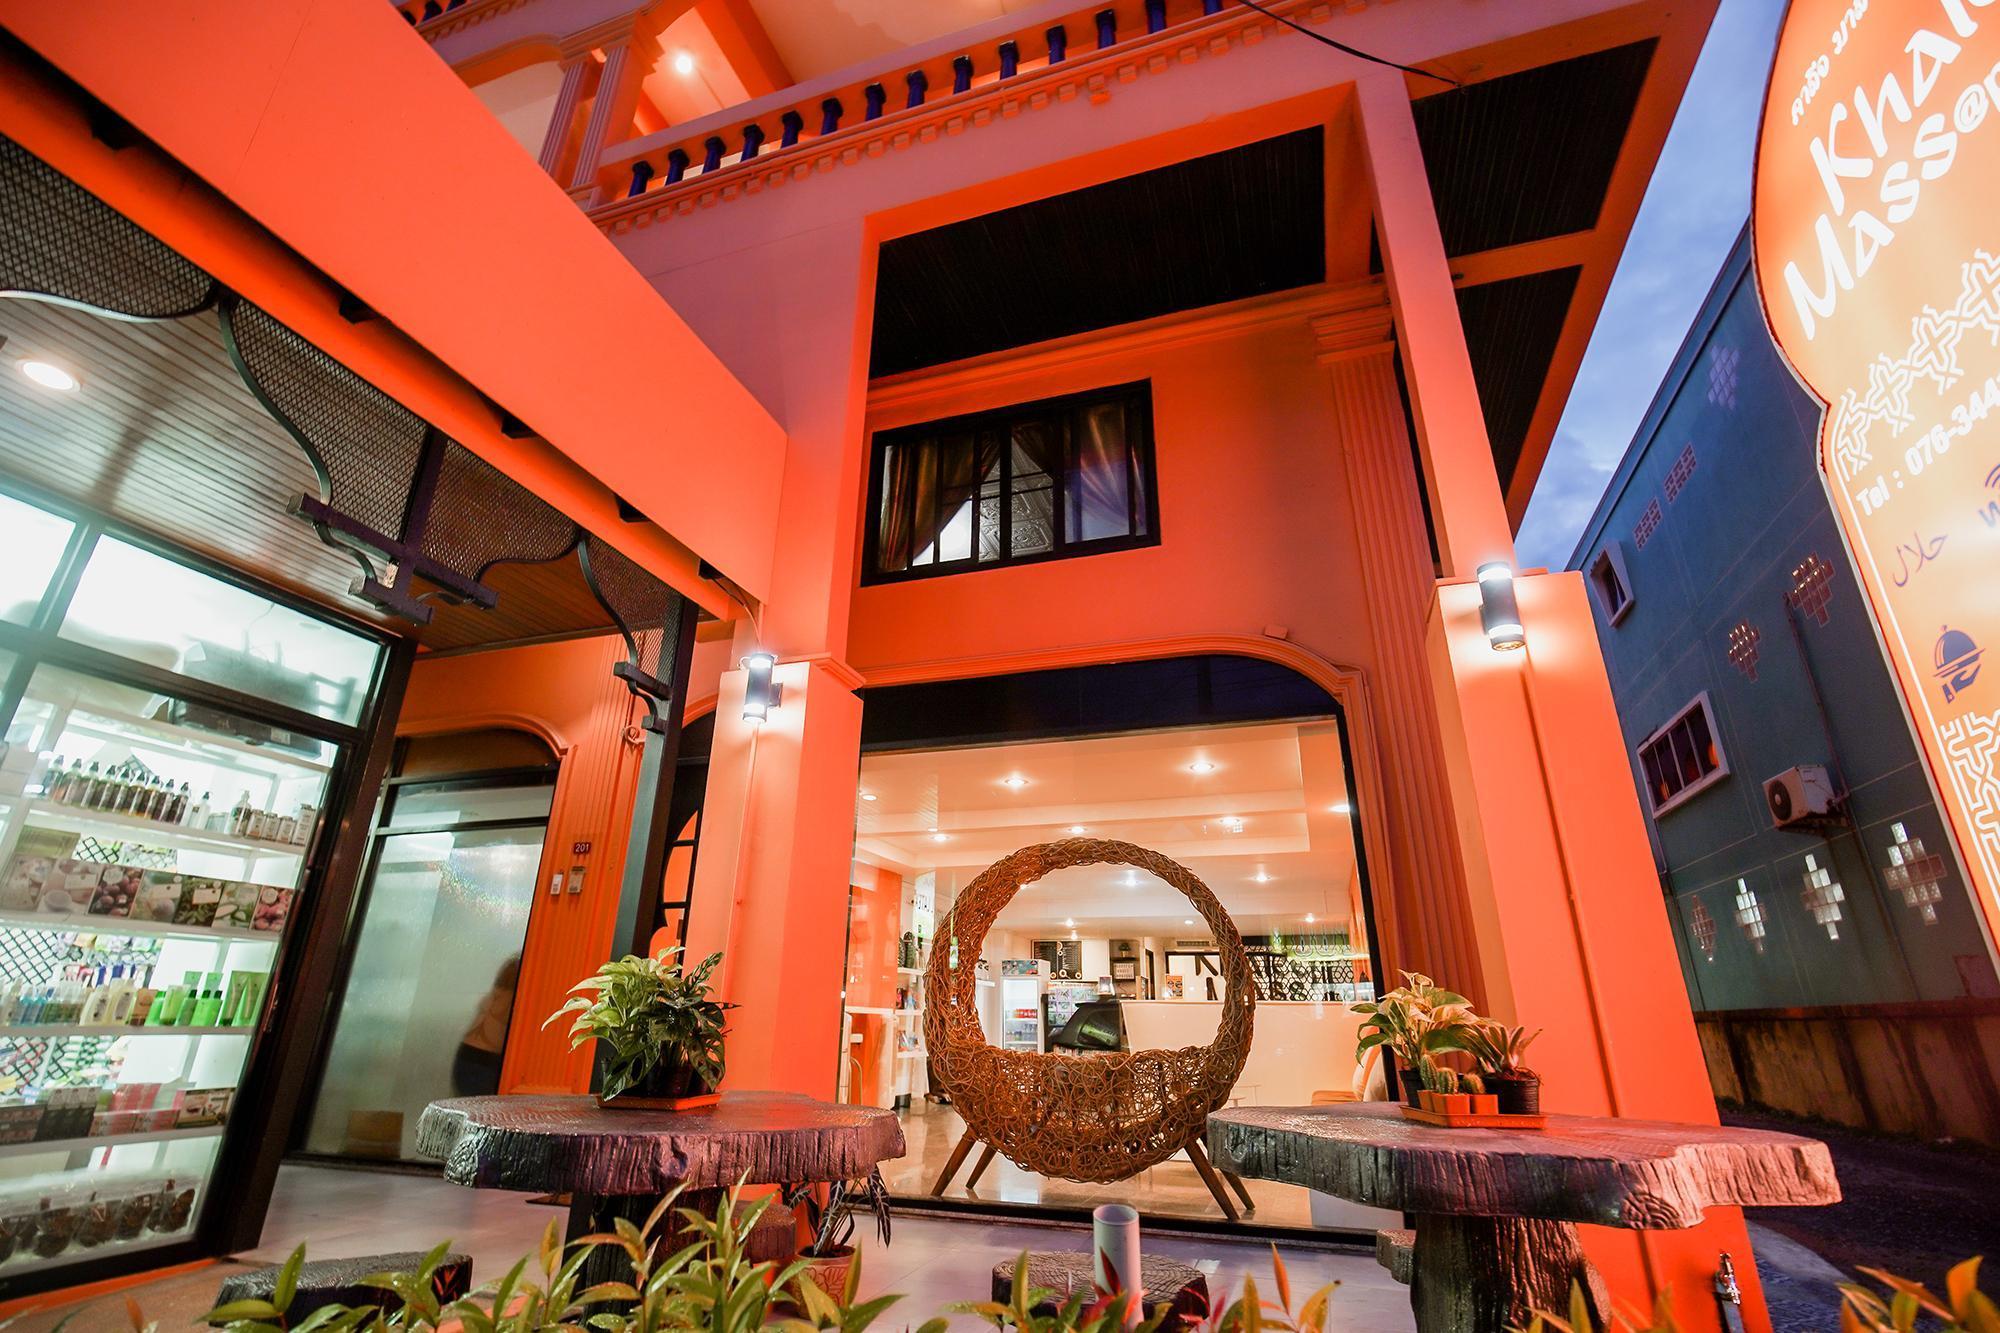 khaleej mass hotel room deals reviews photos phuket thailand rh agoda com